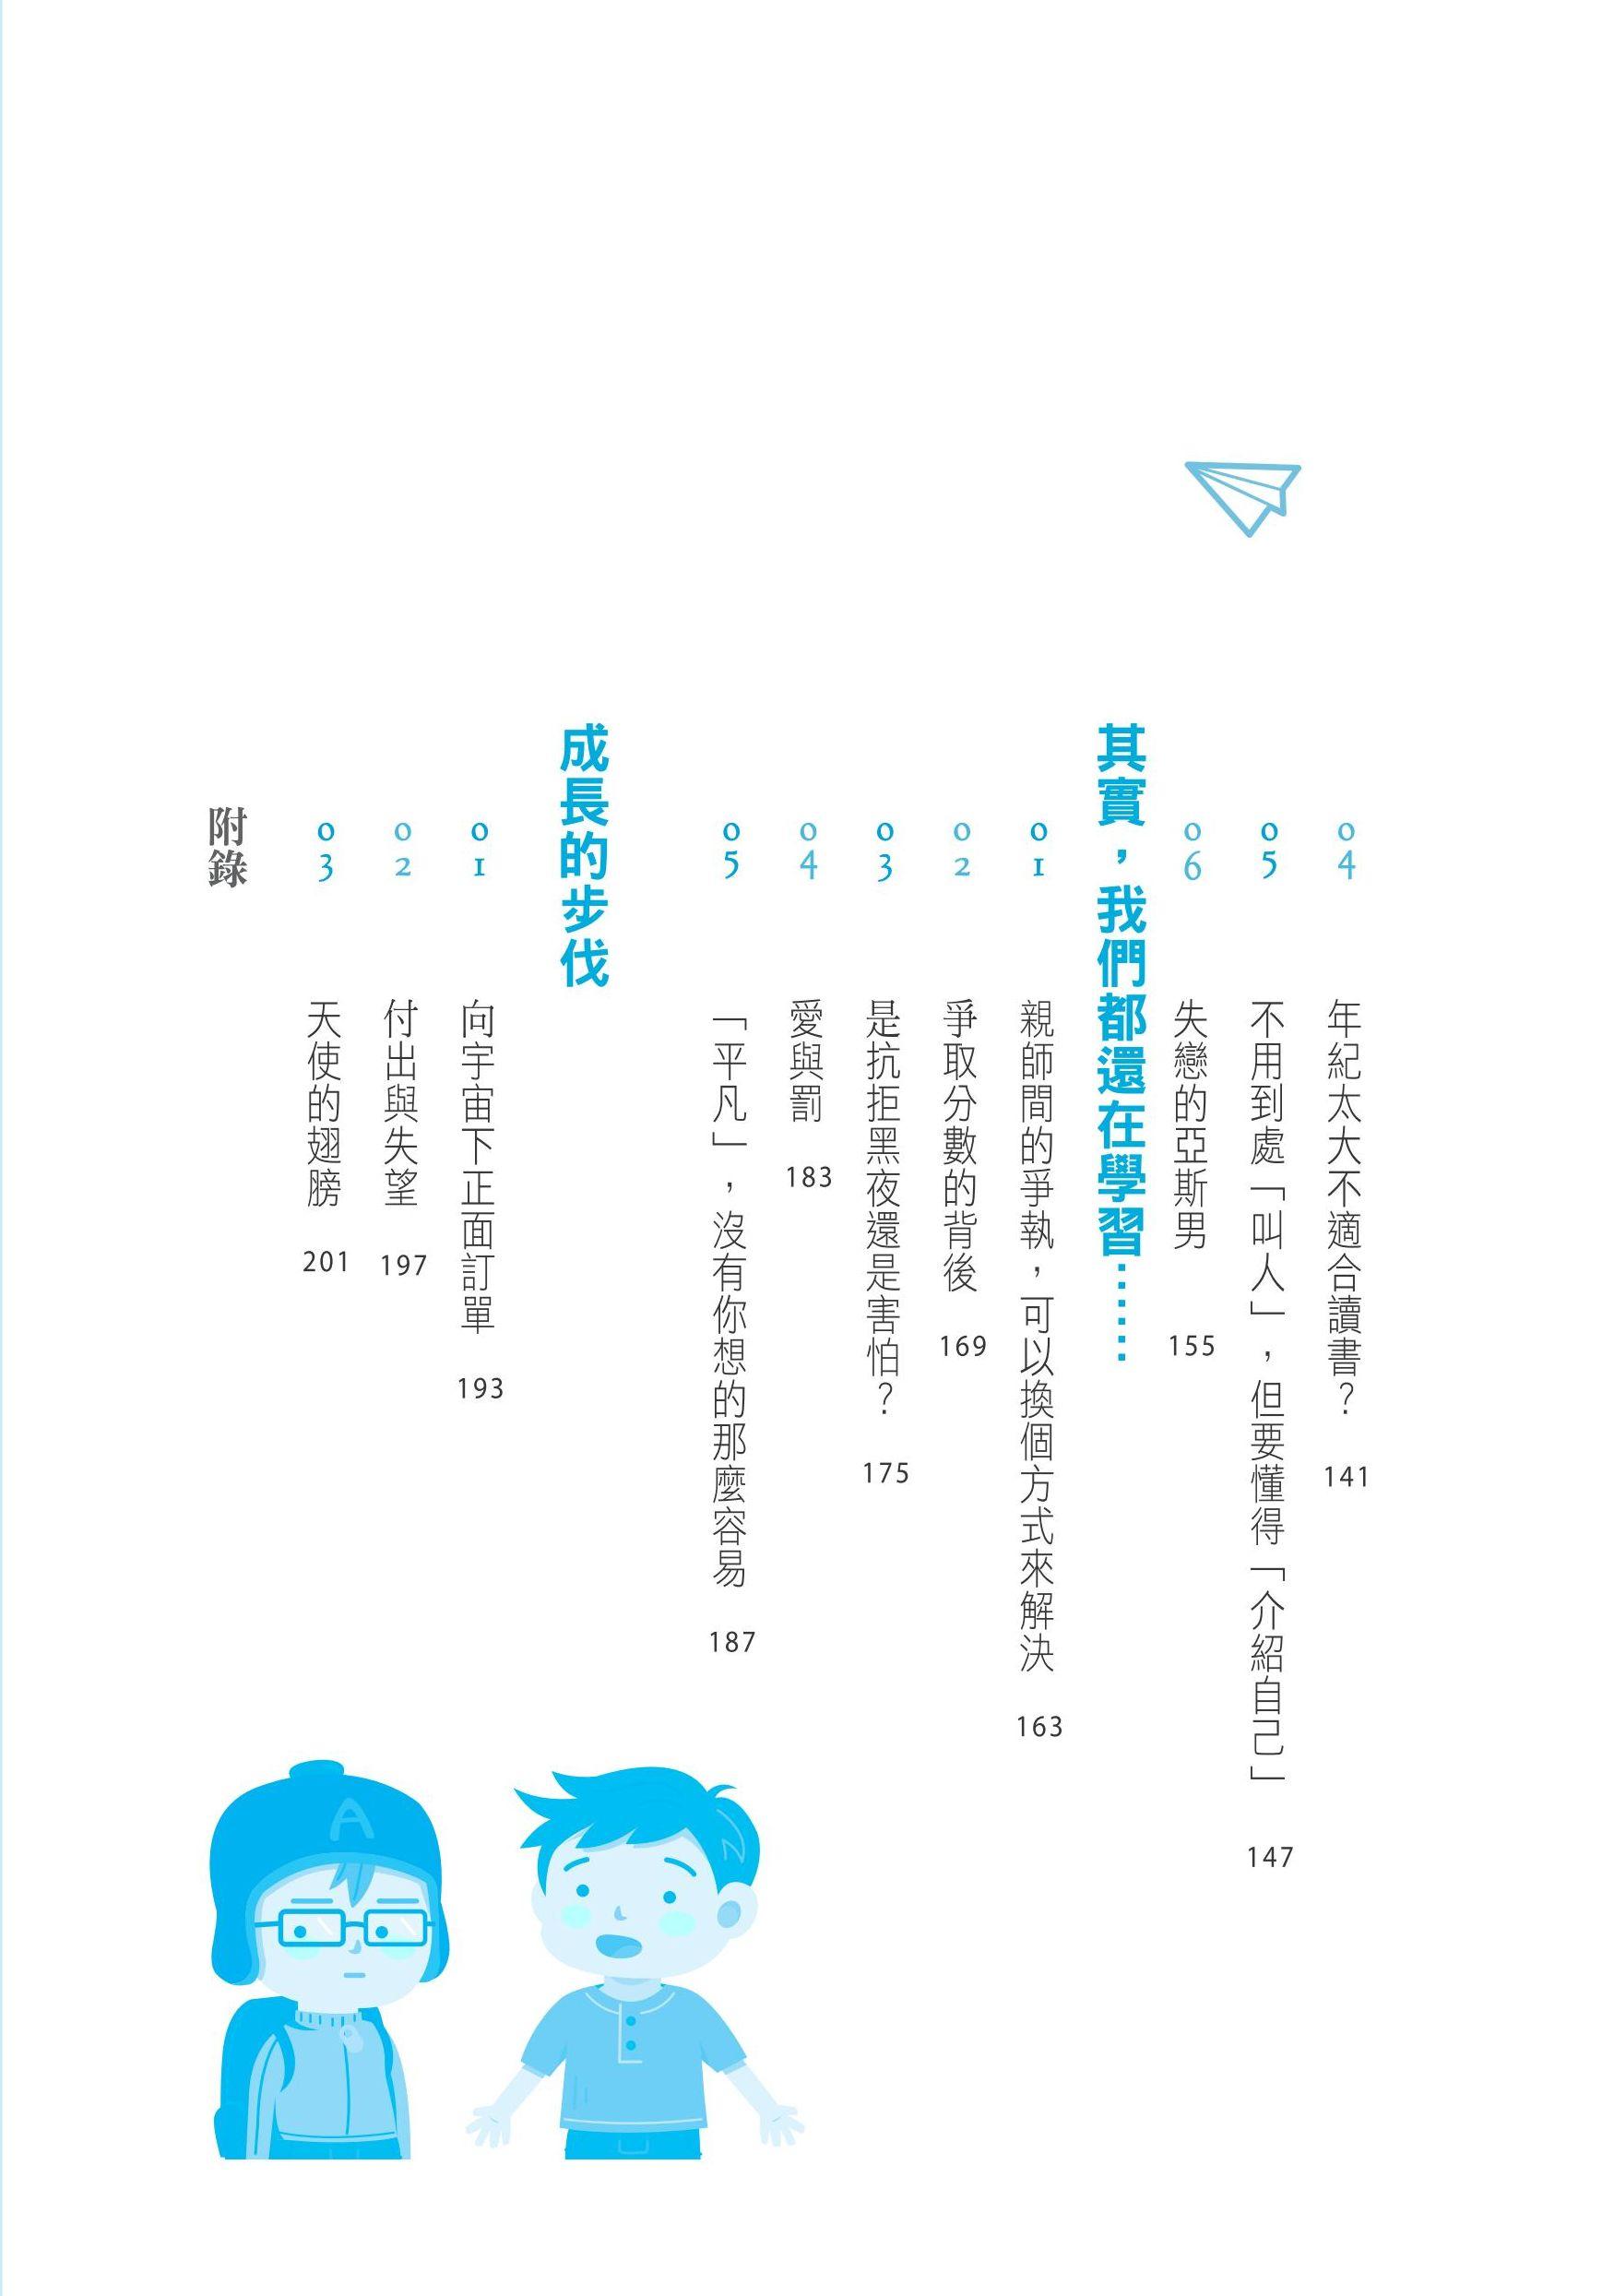 http://im2.book.com.tw/image/getImage?i=http://www.books.com.tw/img/001/070/14/0010701462_bi_03.jpg&v=567a861e&w=655&h=609